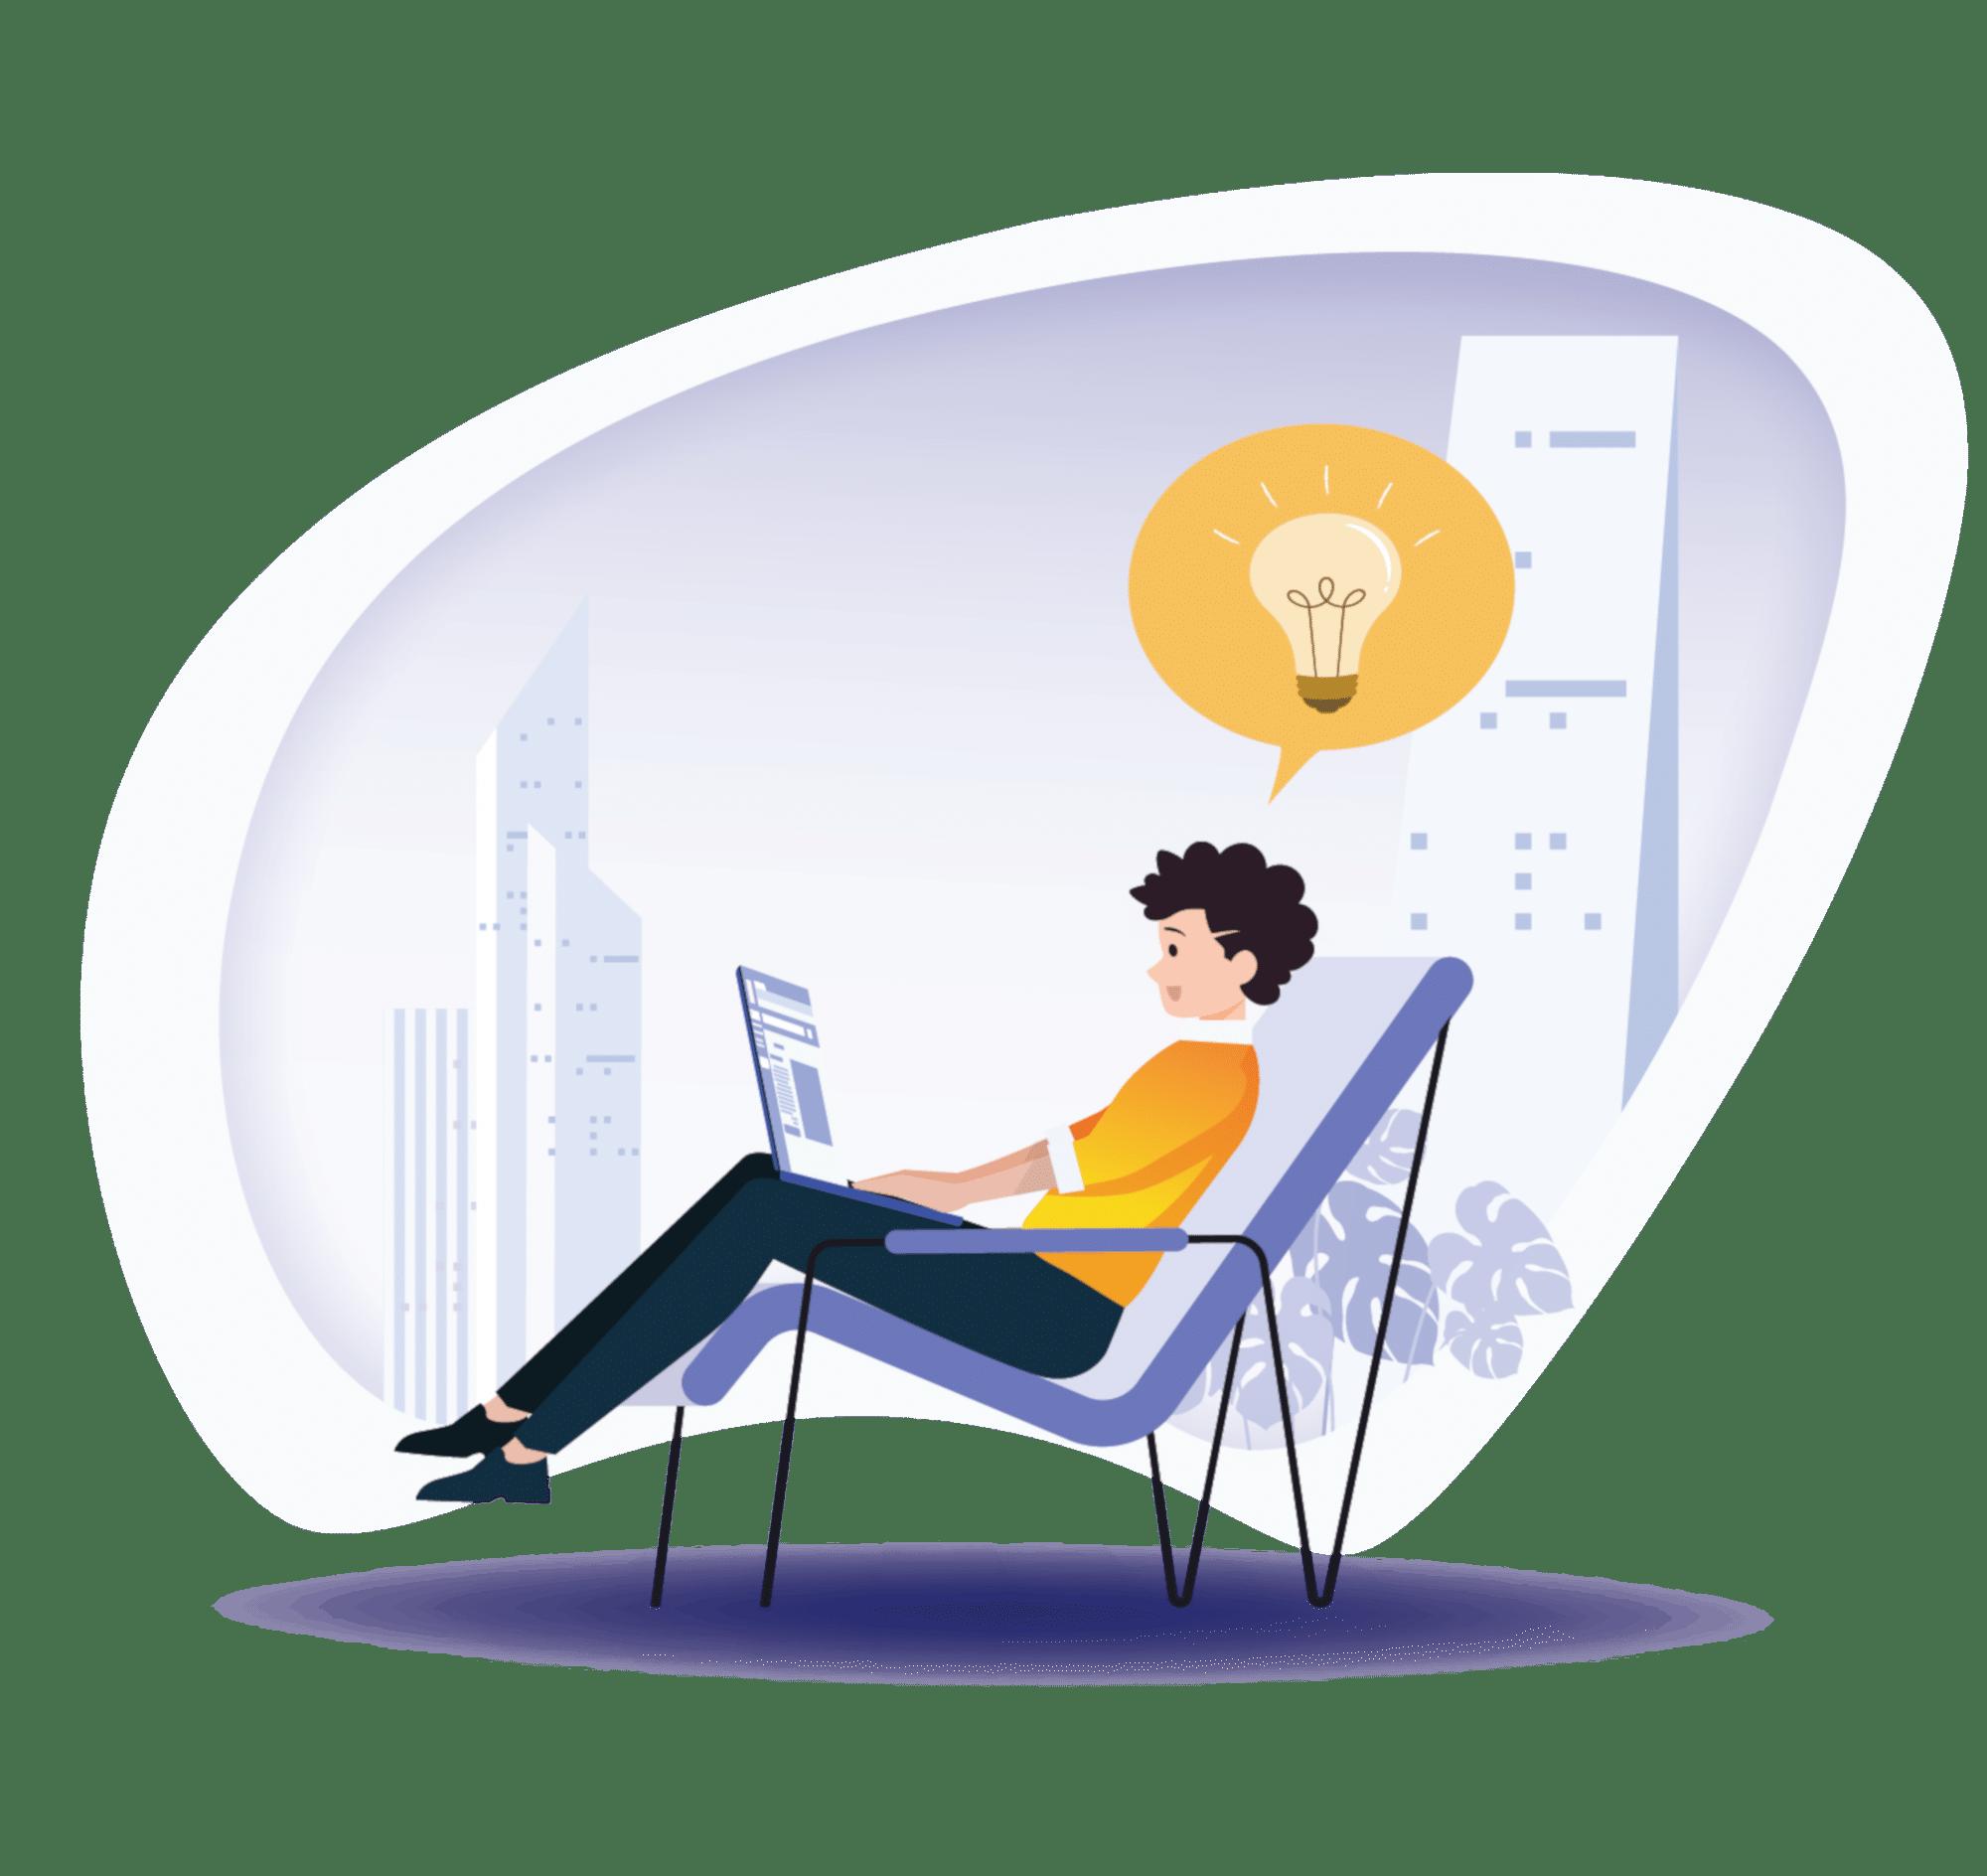 Relatório Trabalhando de Casa - TTI Success Insights